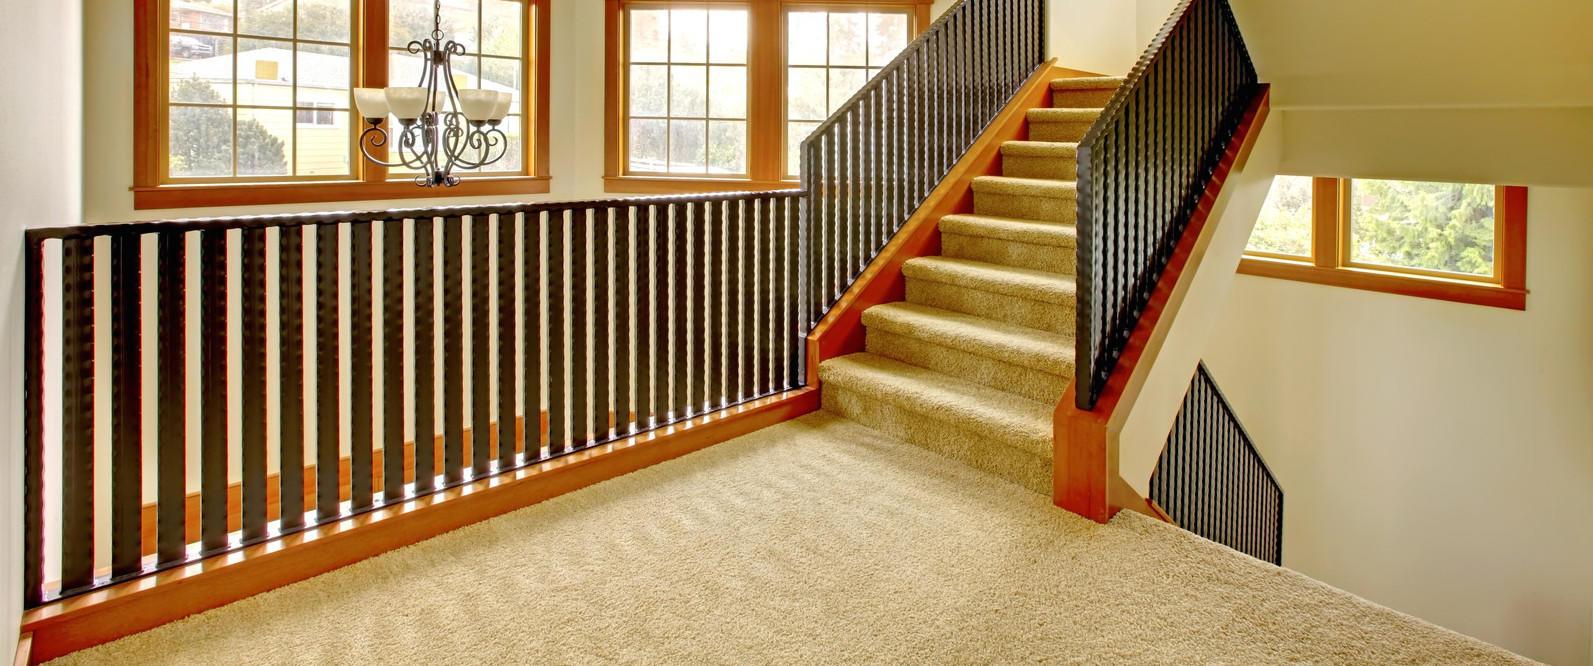 Lakeside Floor Coverings image 6